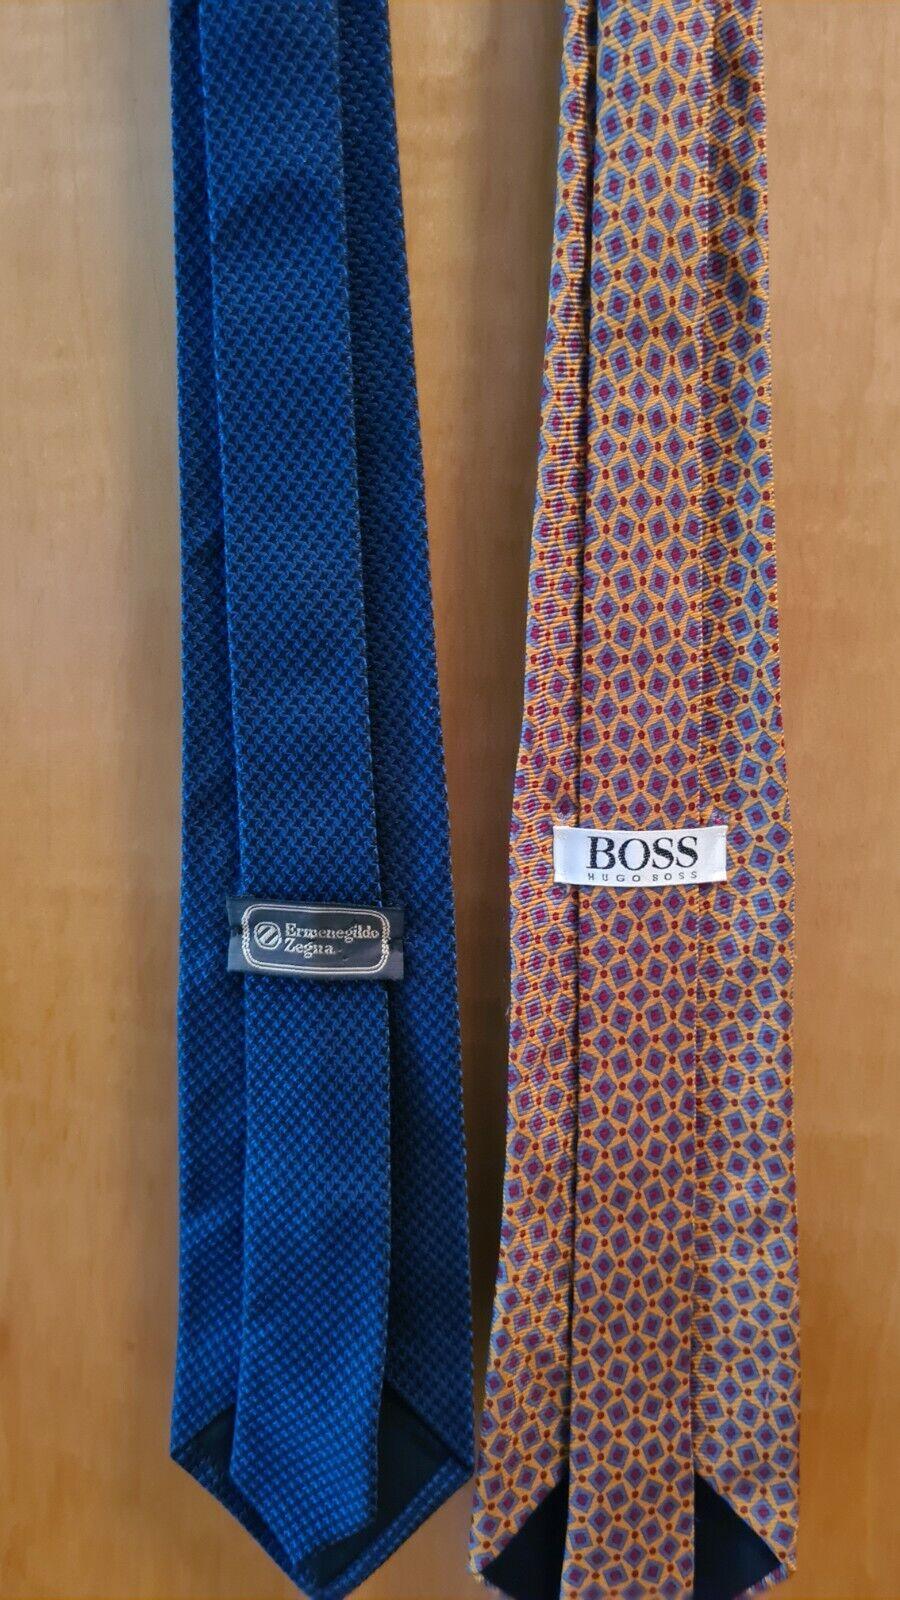 2 Luxus vintage Krawatten BOSS & ZEGNA mit geometrischen Muster Schlips Seide